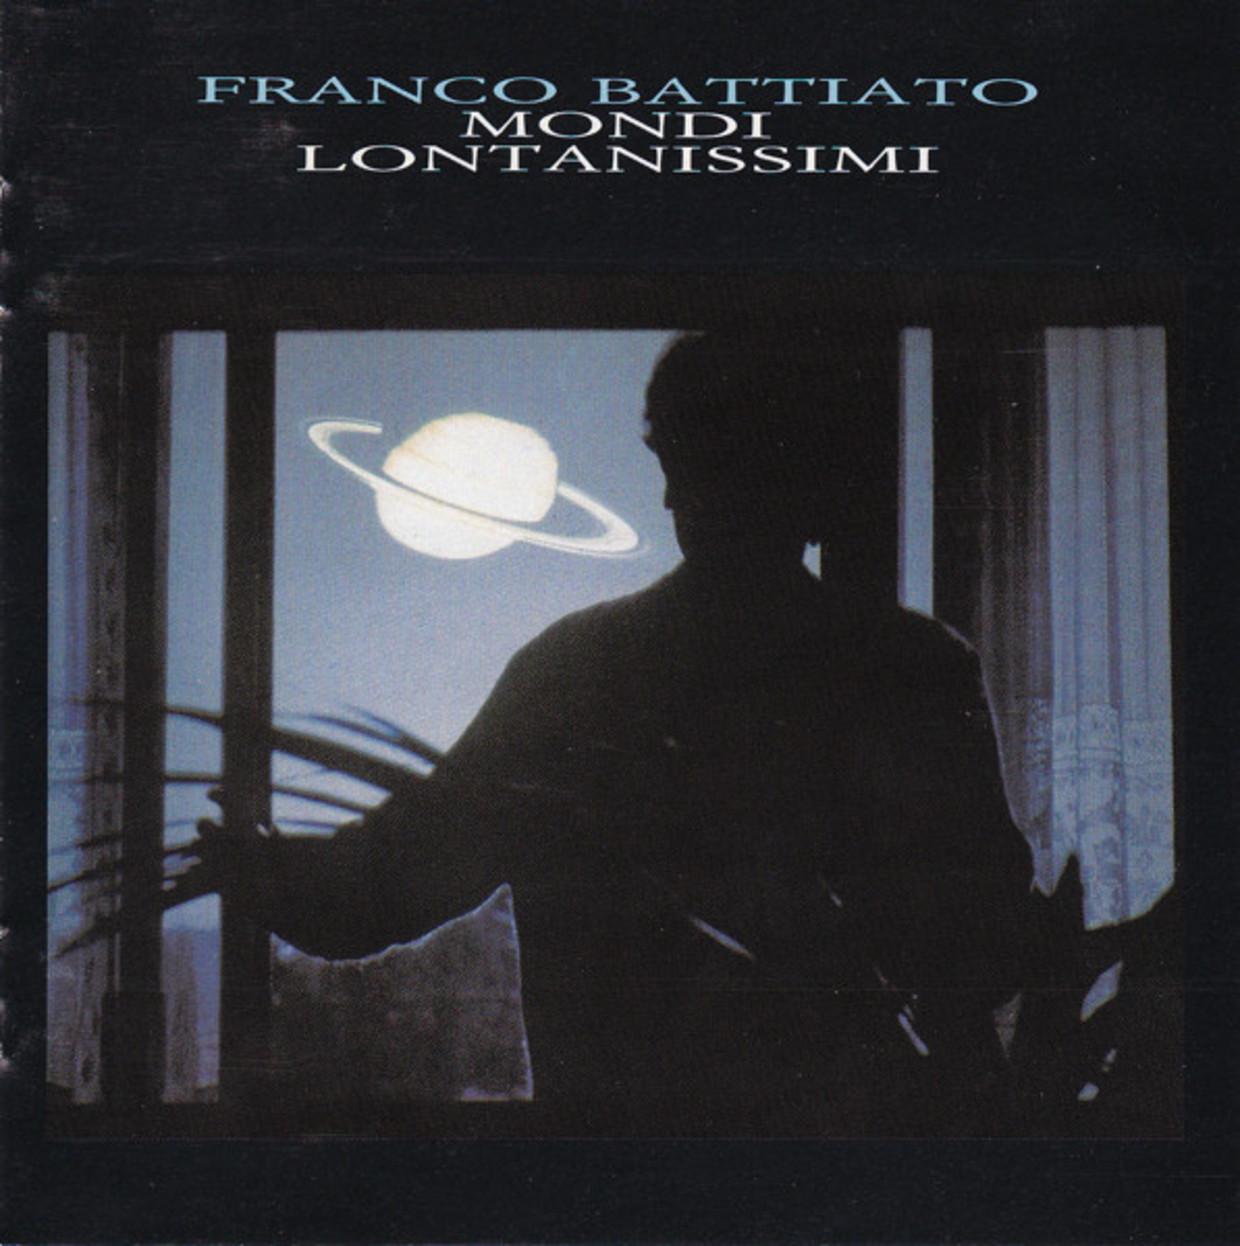 'Mondi Lontanissimi' (1985) van Franco Battiato. Beeld RV